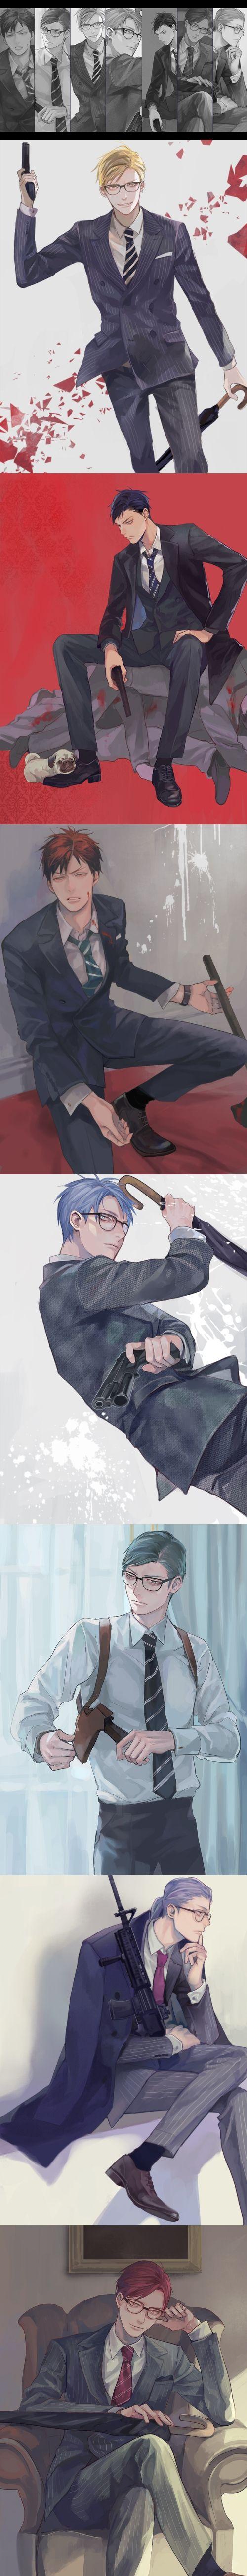 Kiseki no Sedai and Kingsman crossover